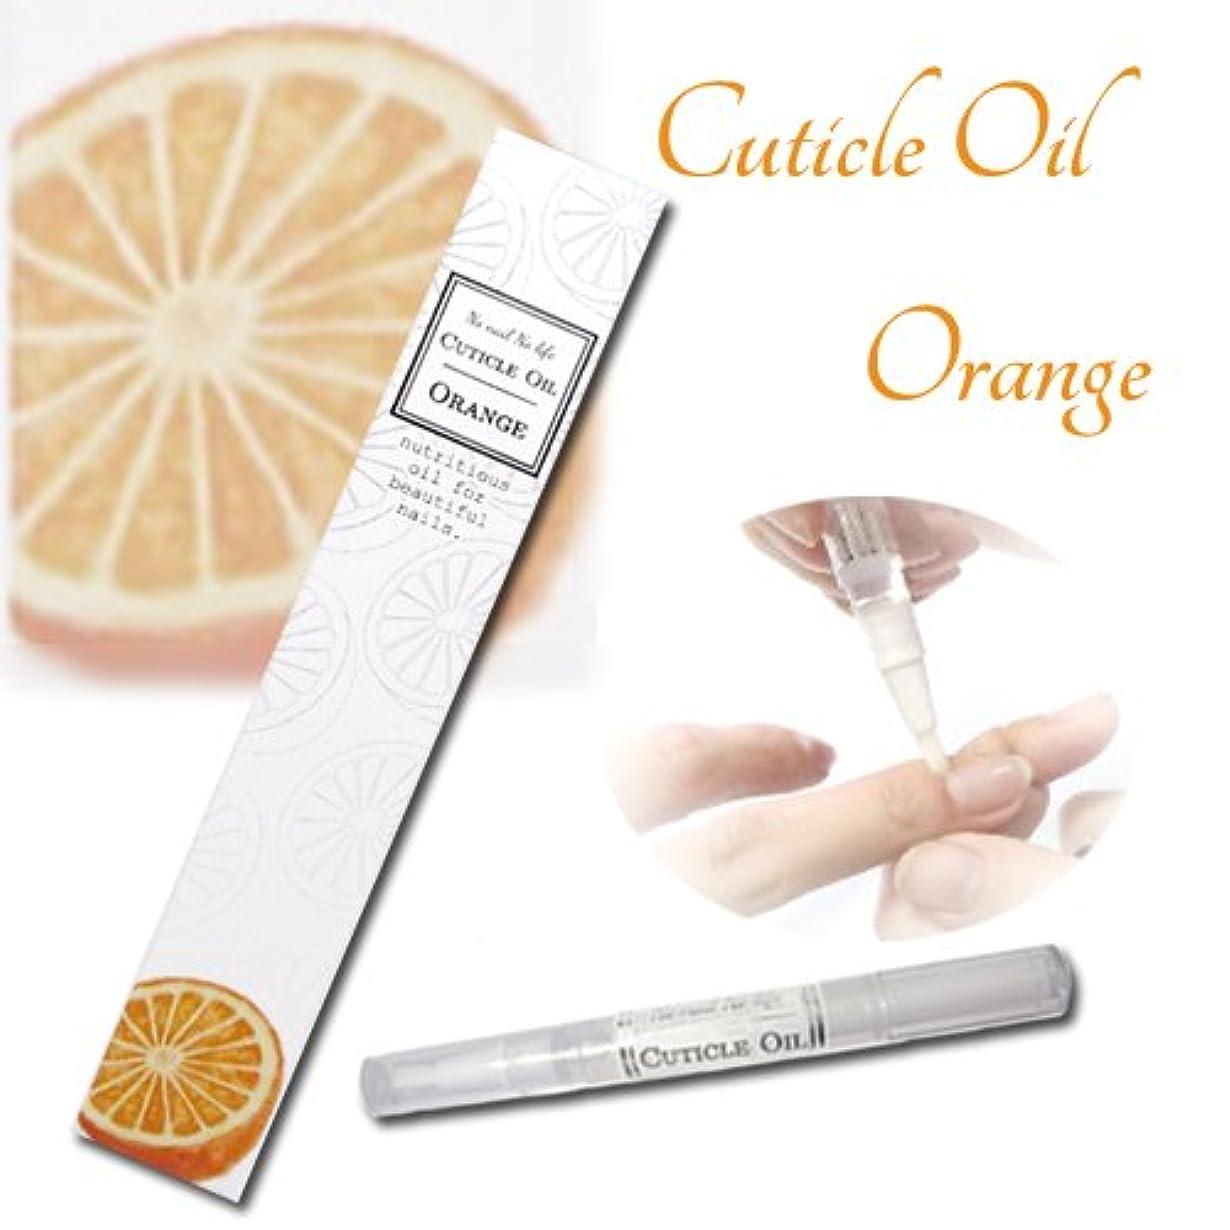 委員長メルボルン鋭くネイルオイル ペンタイプ 改良型 オレンジ の香り 1本セット 追跡番号付き